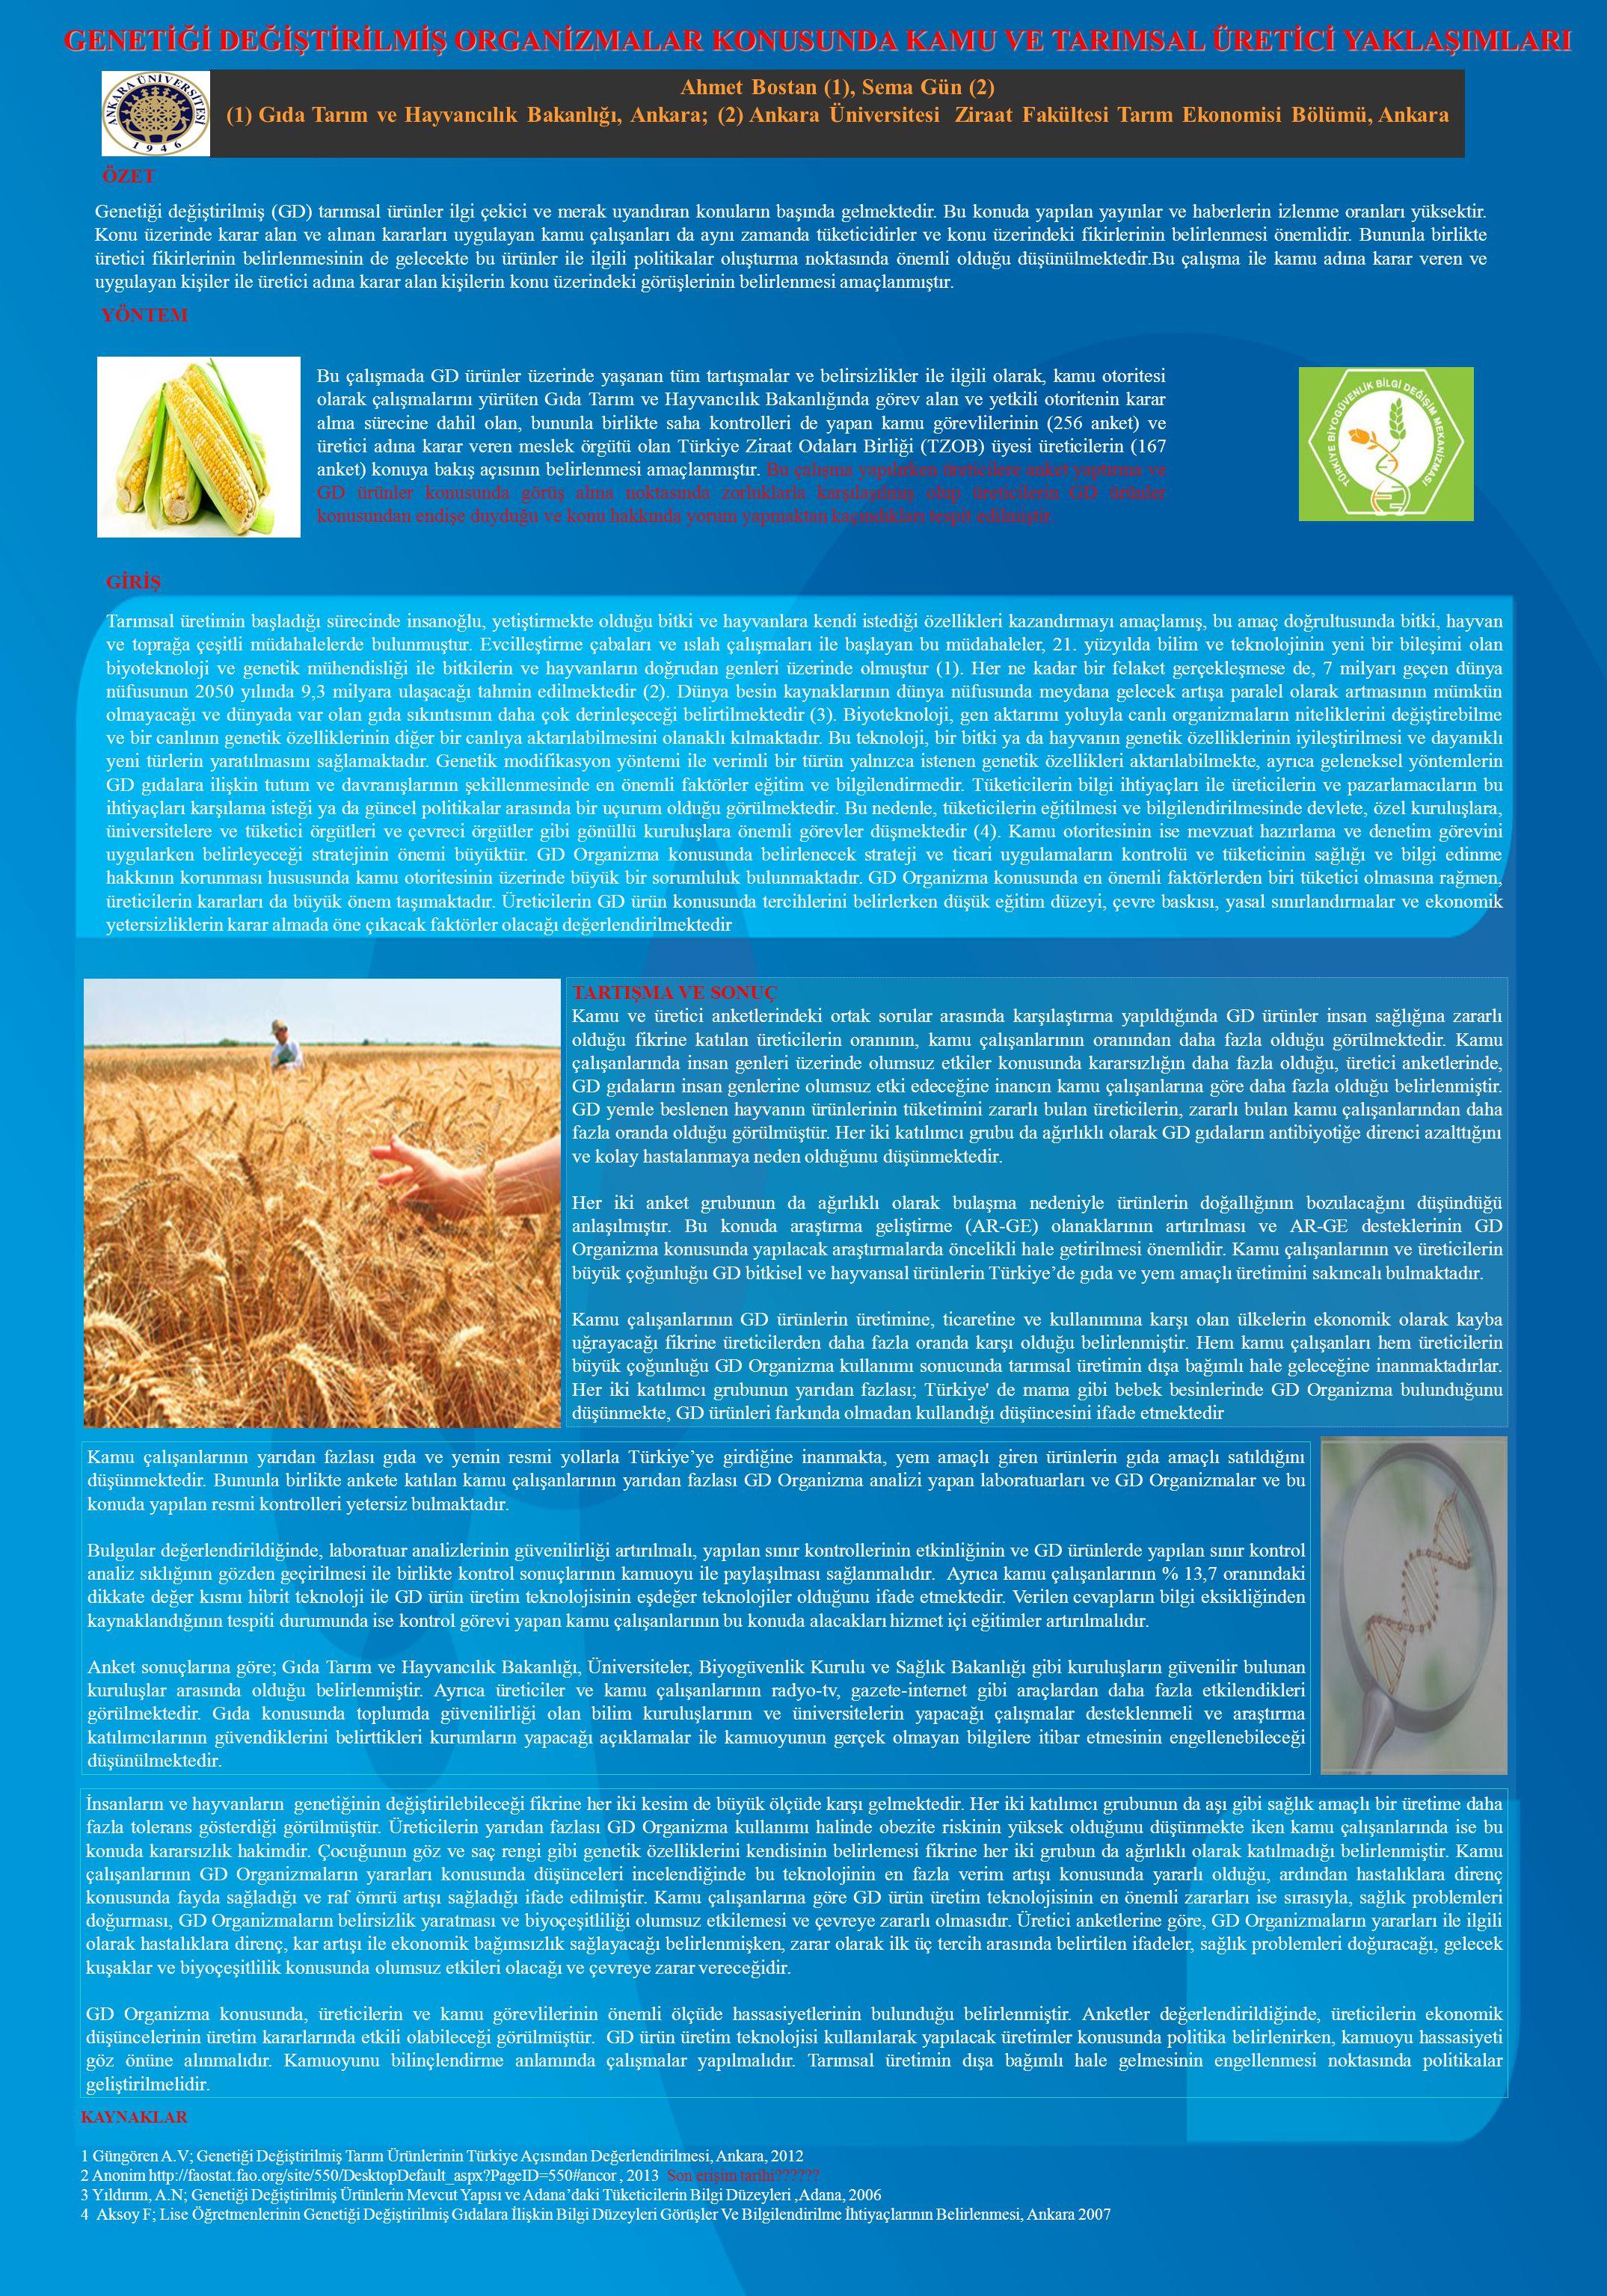 Ahmet Bostan (1), Sema Gün (2) (1) Gıda Tarım ve Hayvancılık Bakanlığı, Ankara; (2) Ankara Üniversitesi Ziraat Fakültesi Tarım Ekonomisi Bölümü, Ankara GENETİĞİ DEĞİŞTİRİLMİŞ ORGANİZMALAR KONUSUNDA KAMU VE TARIMSAL ÜRETİCİ YAKLAŞIMLARI Genetiği değiştirilmiş (GD) tarımsal ürünler ilgi çekici ve merak uyandıran konuların başında gelmektedir.